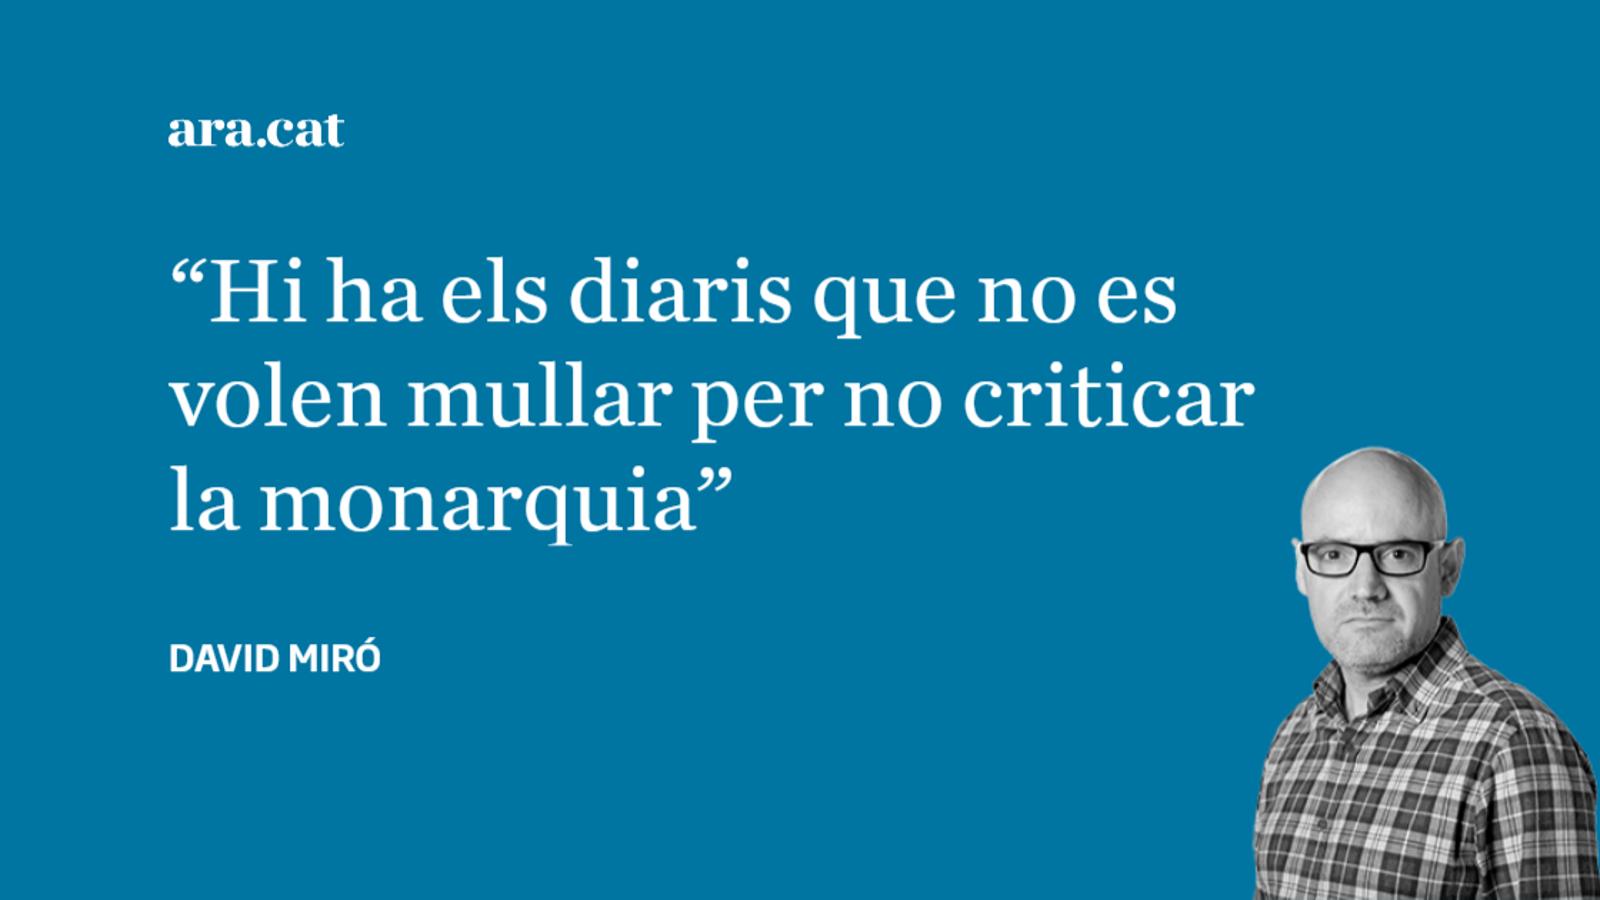 ¿El rei Felip VI està en contra del govern Sánchez-Iglesias?